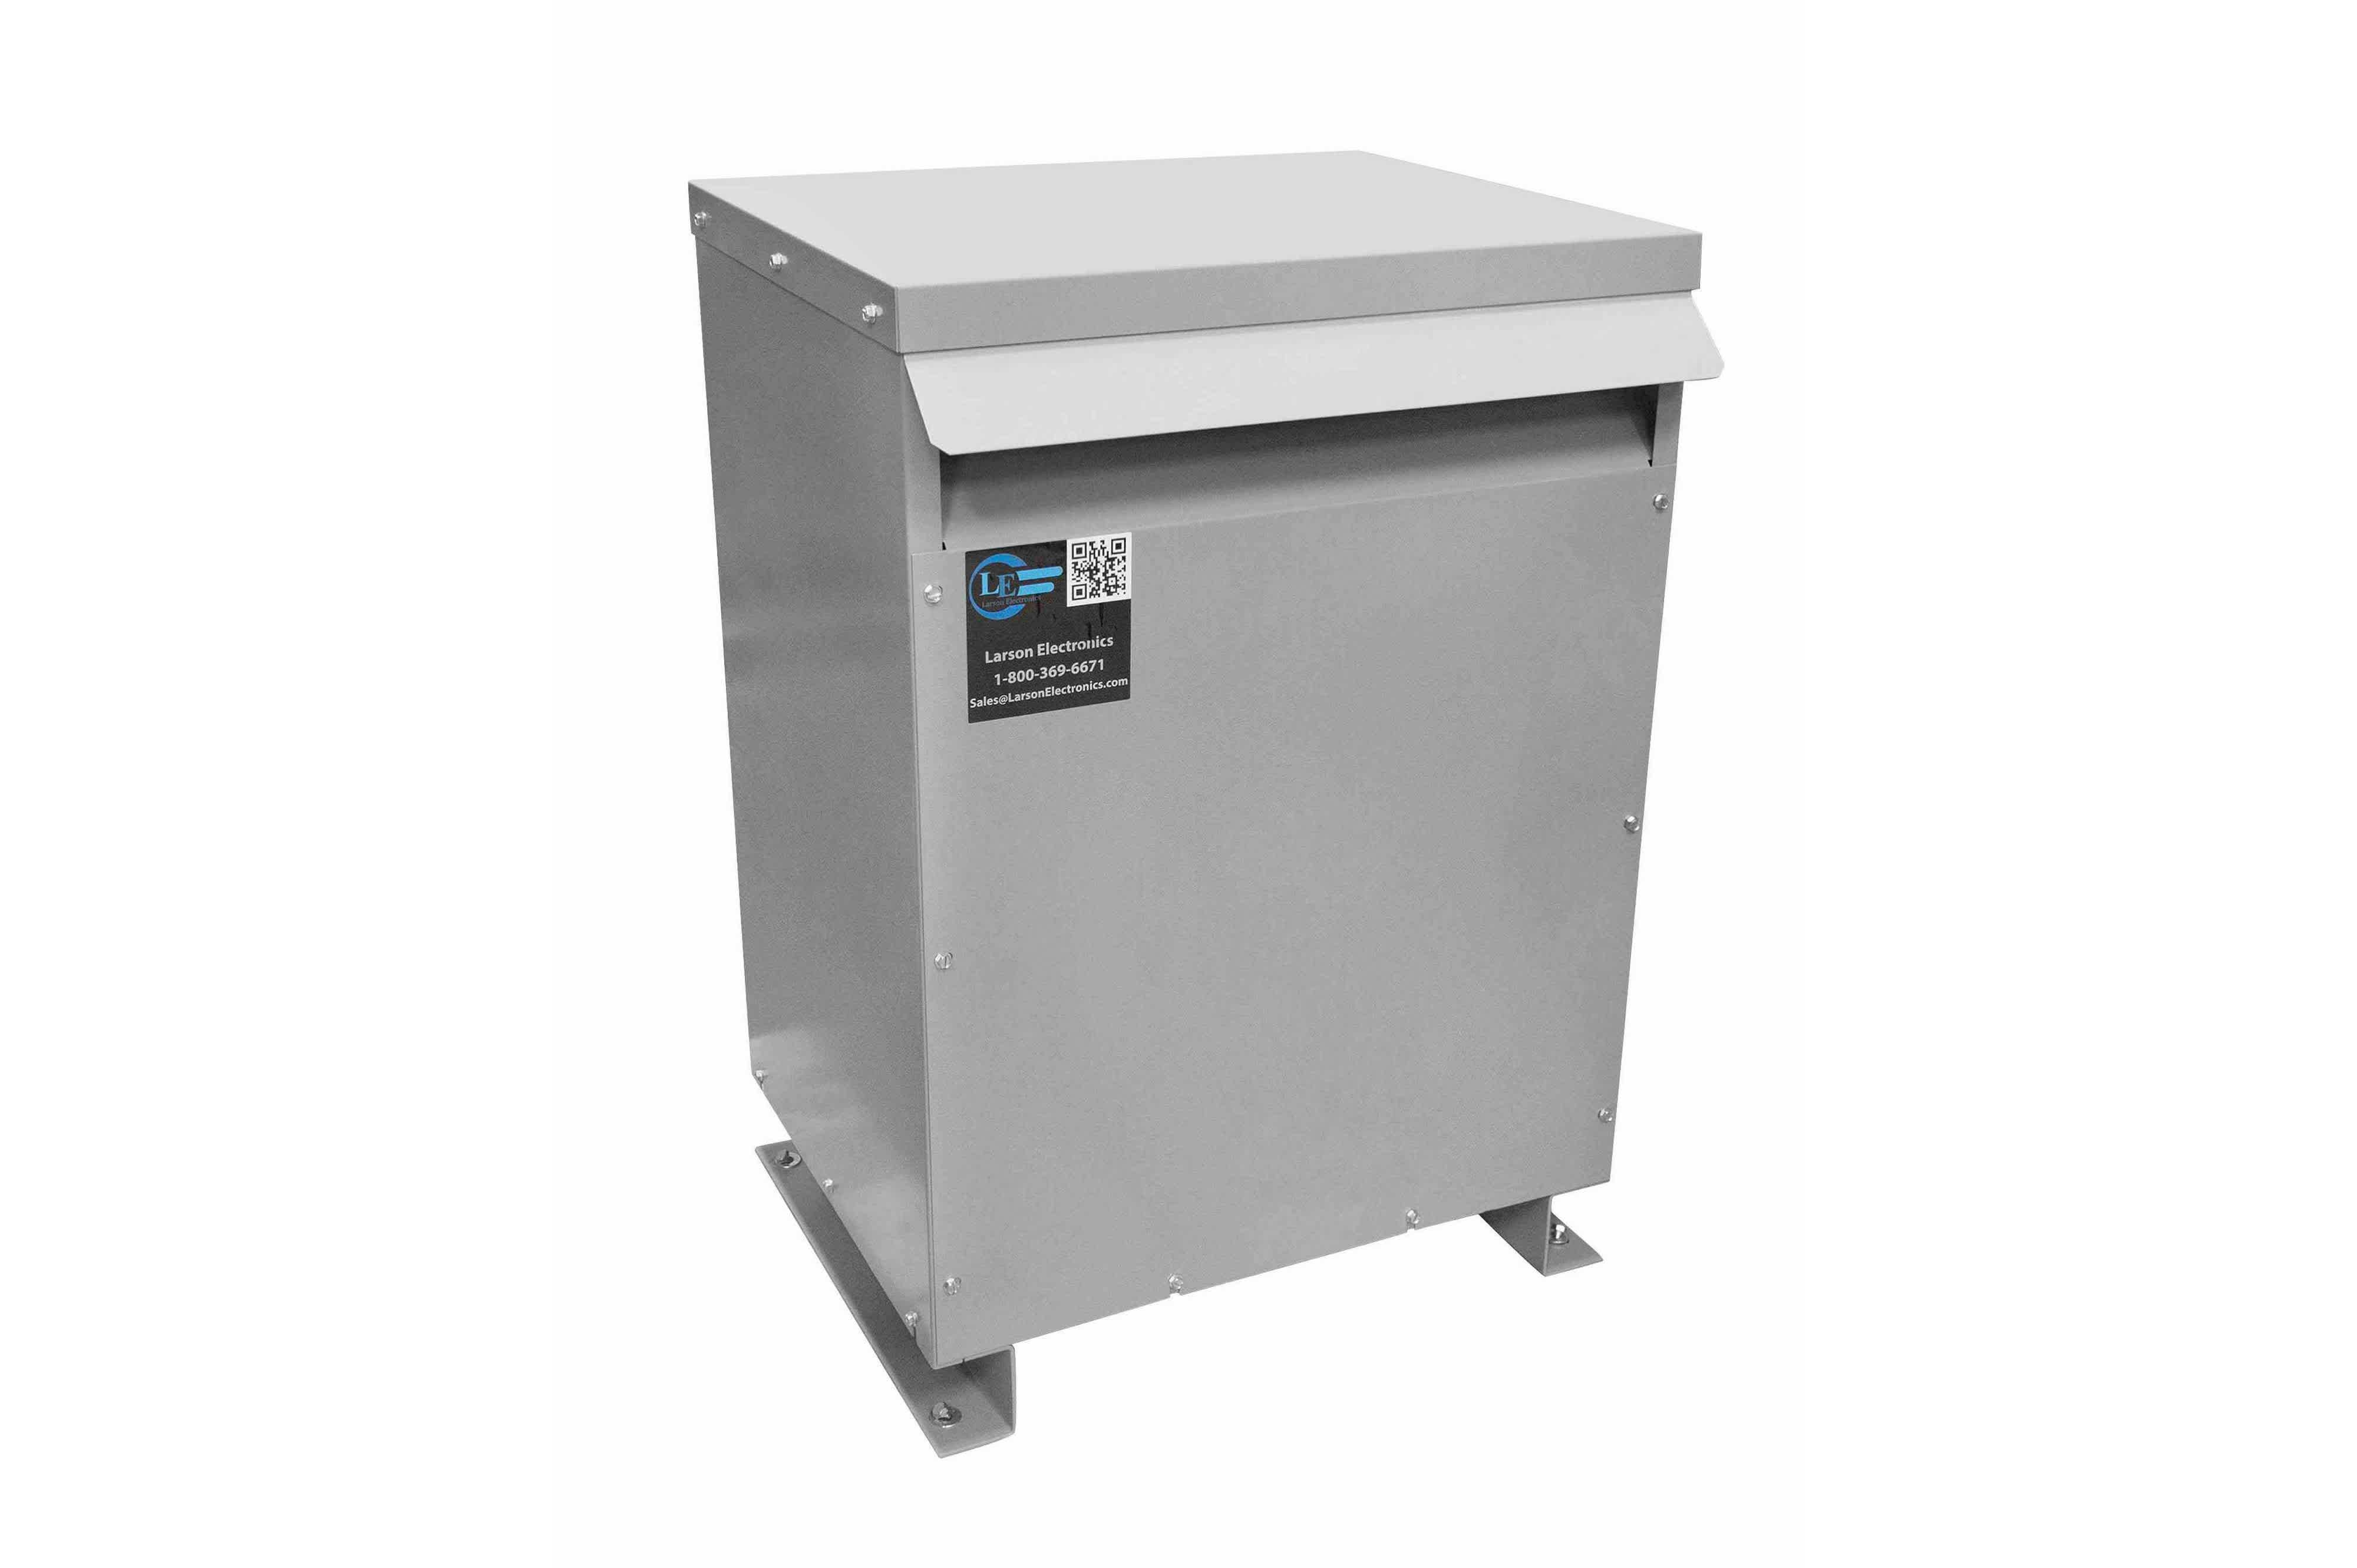 300 kVA 3PH Isolation Transformer, 600V Delta Primary, 480V Delta Secondary, N3R, Ventilated, 60 Hz